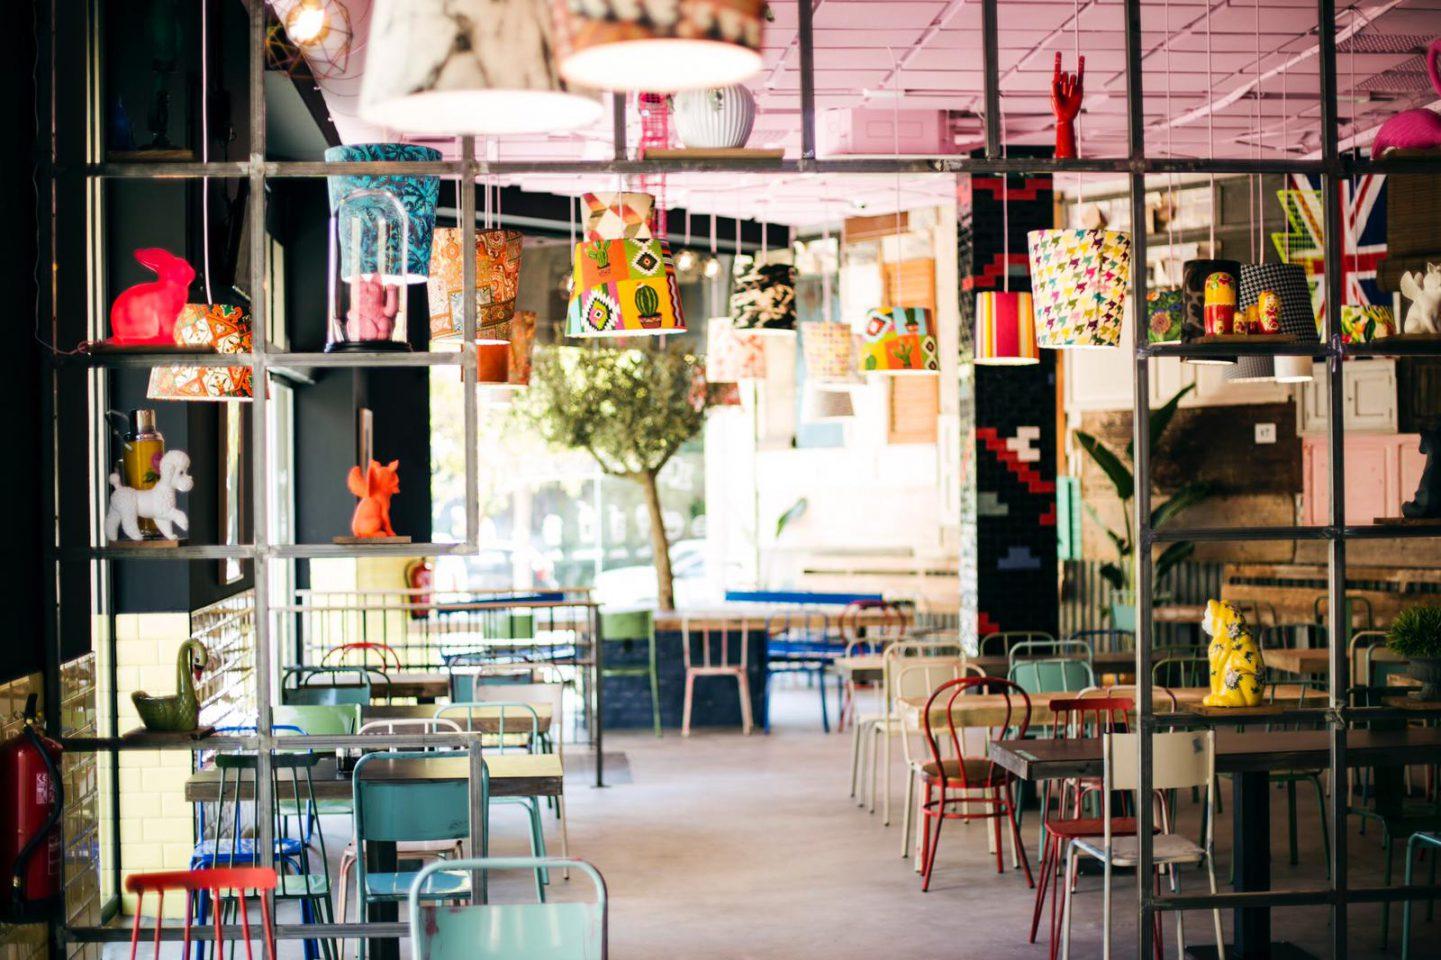 The Fitzgerald abre nuevo restaurante en Valencia